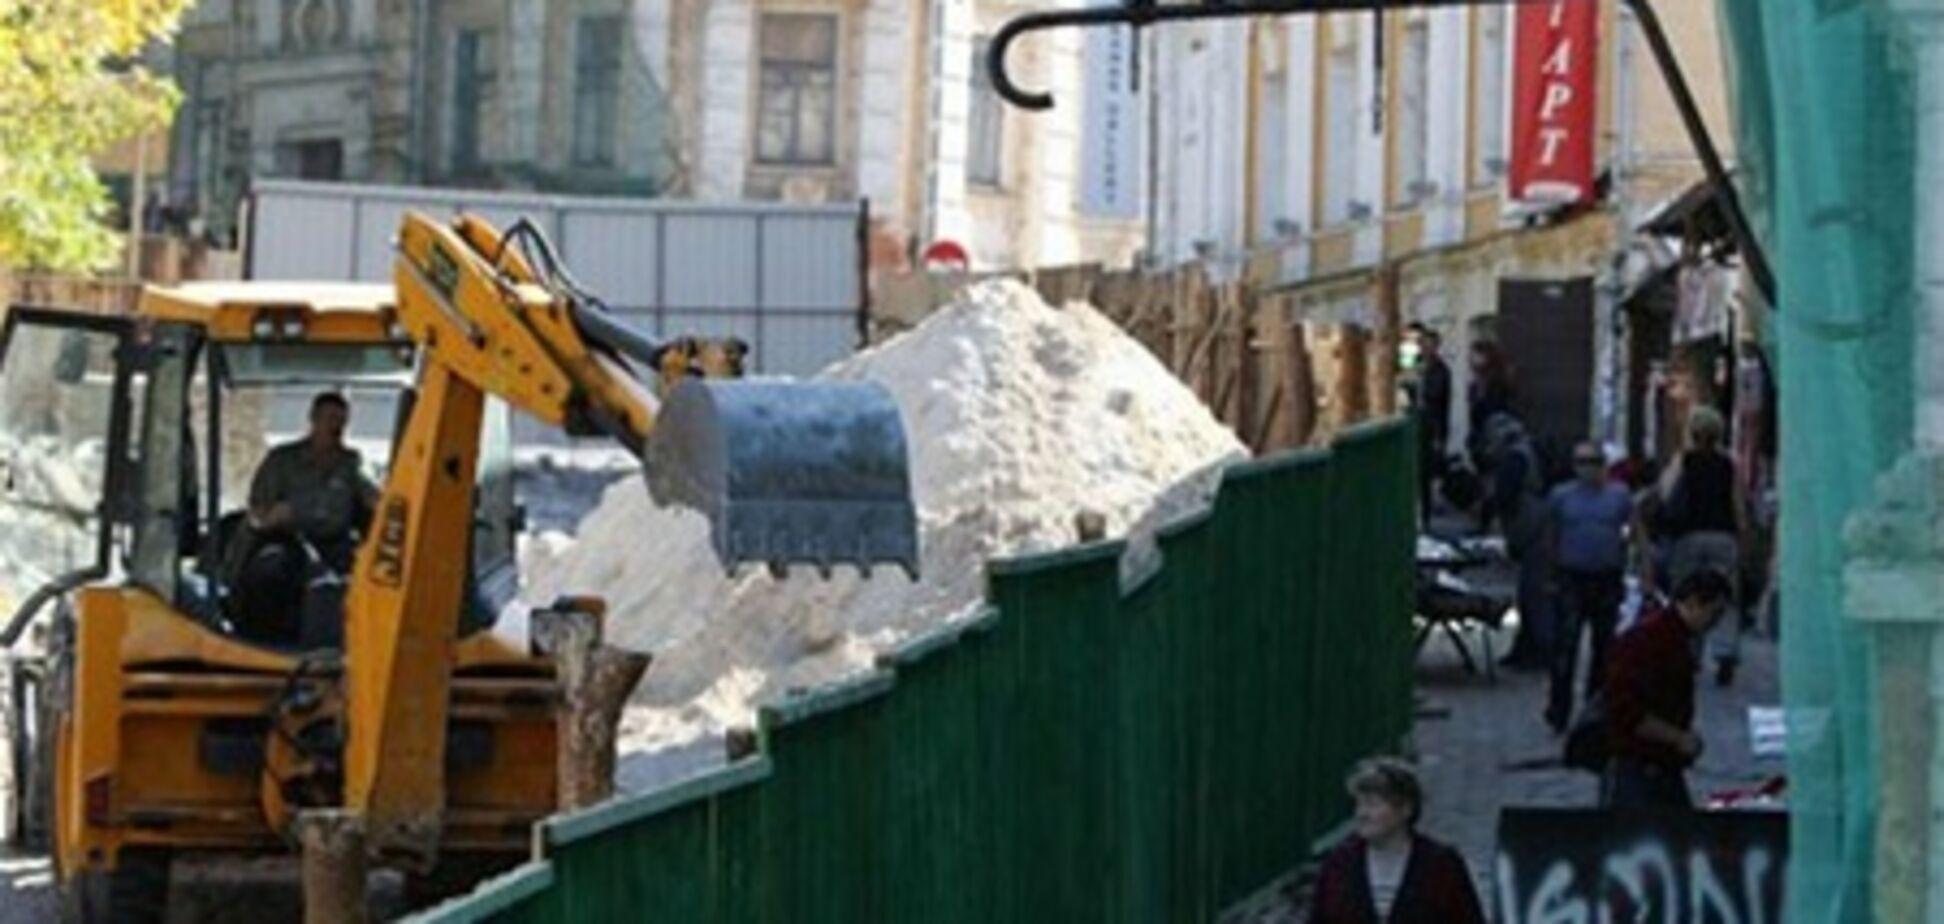 Прокуратура проверяет законность сноса зданий на Андреевском